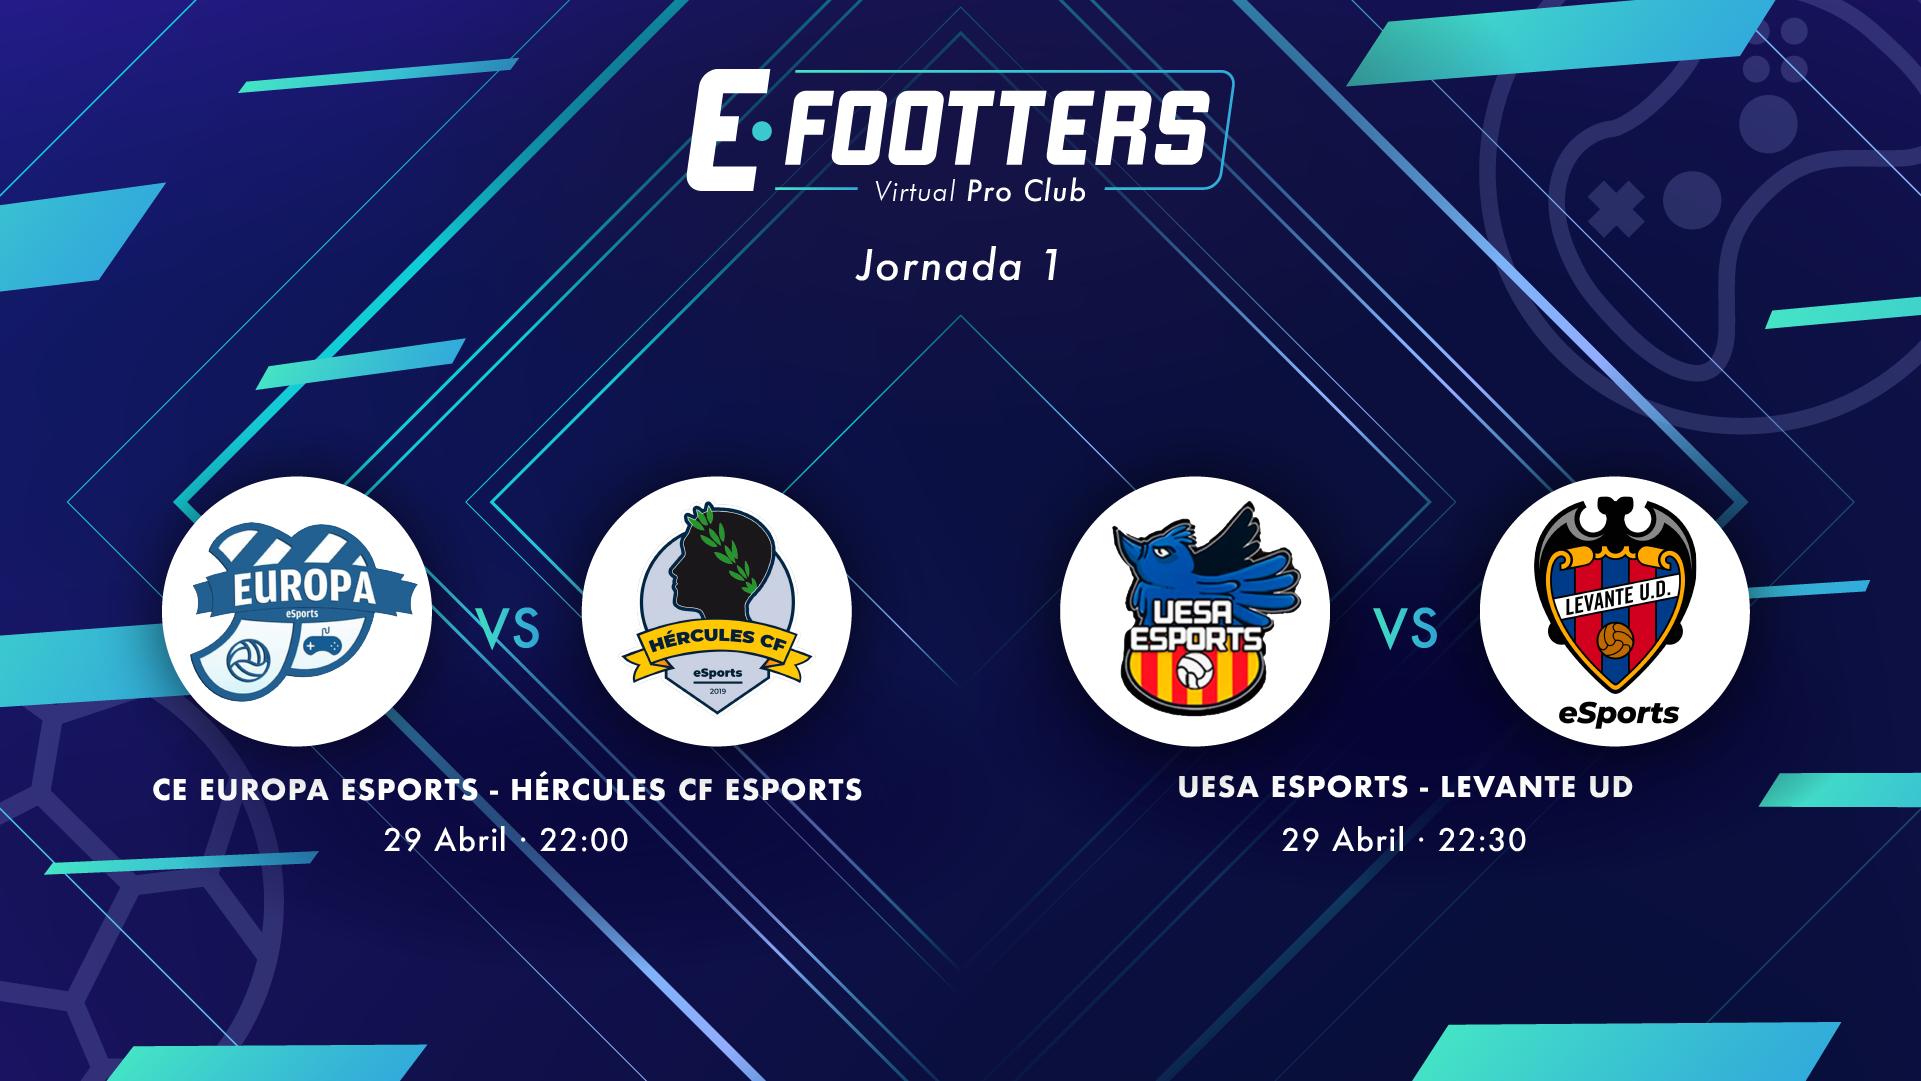 Imagen con la información de los partidos del 29 de abril: CE Europa - Hércules CF y UESA eSports - Levante UD eSports